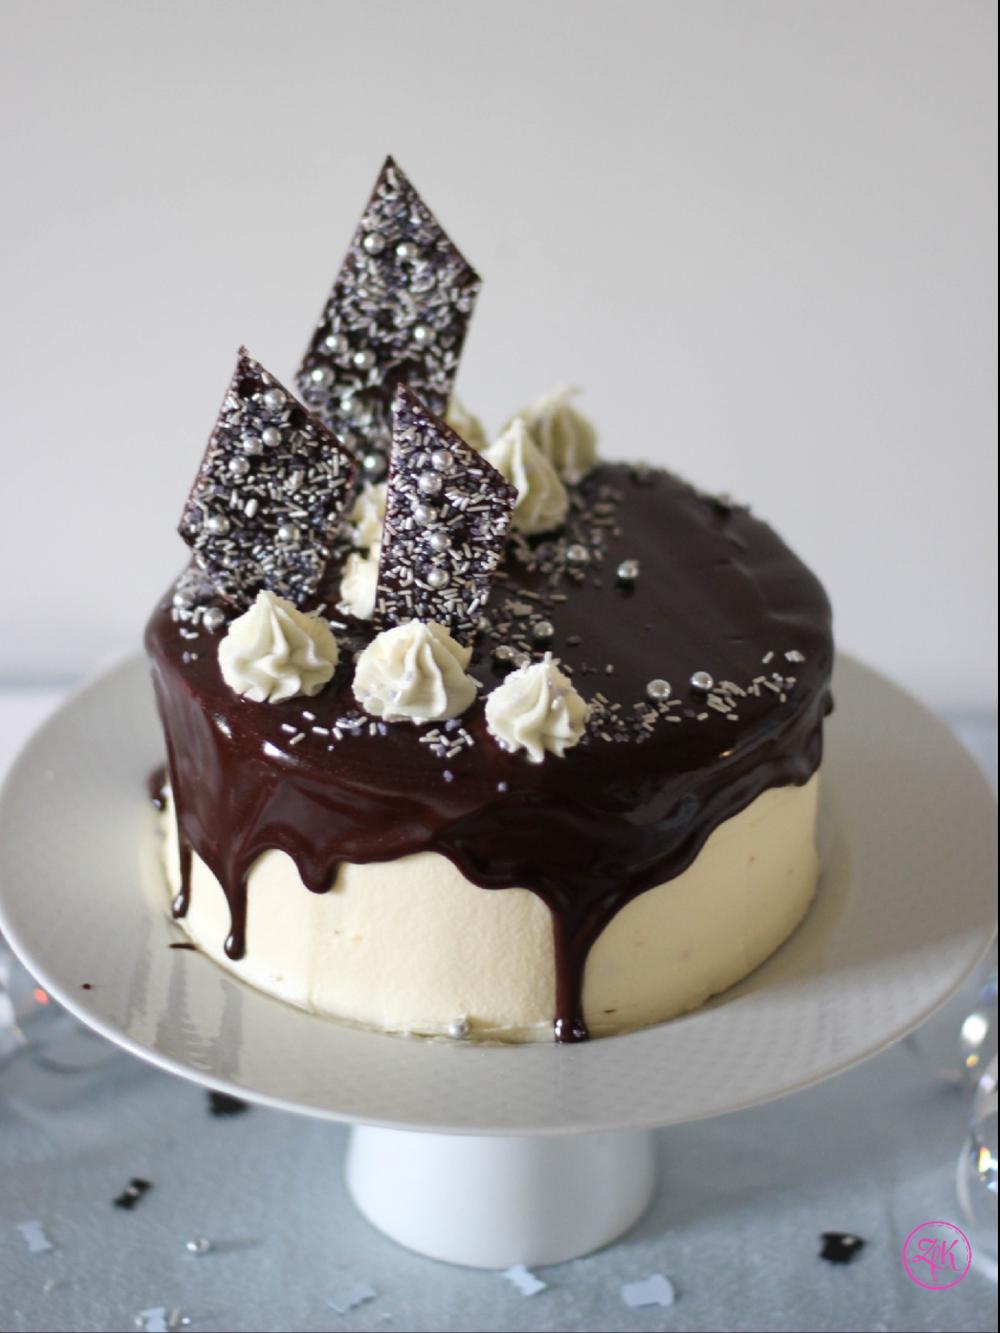 Luftige Böden, Vanillecreme und Birnen gekrönt mit Schokoladenganche